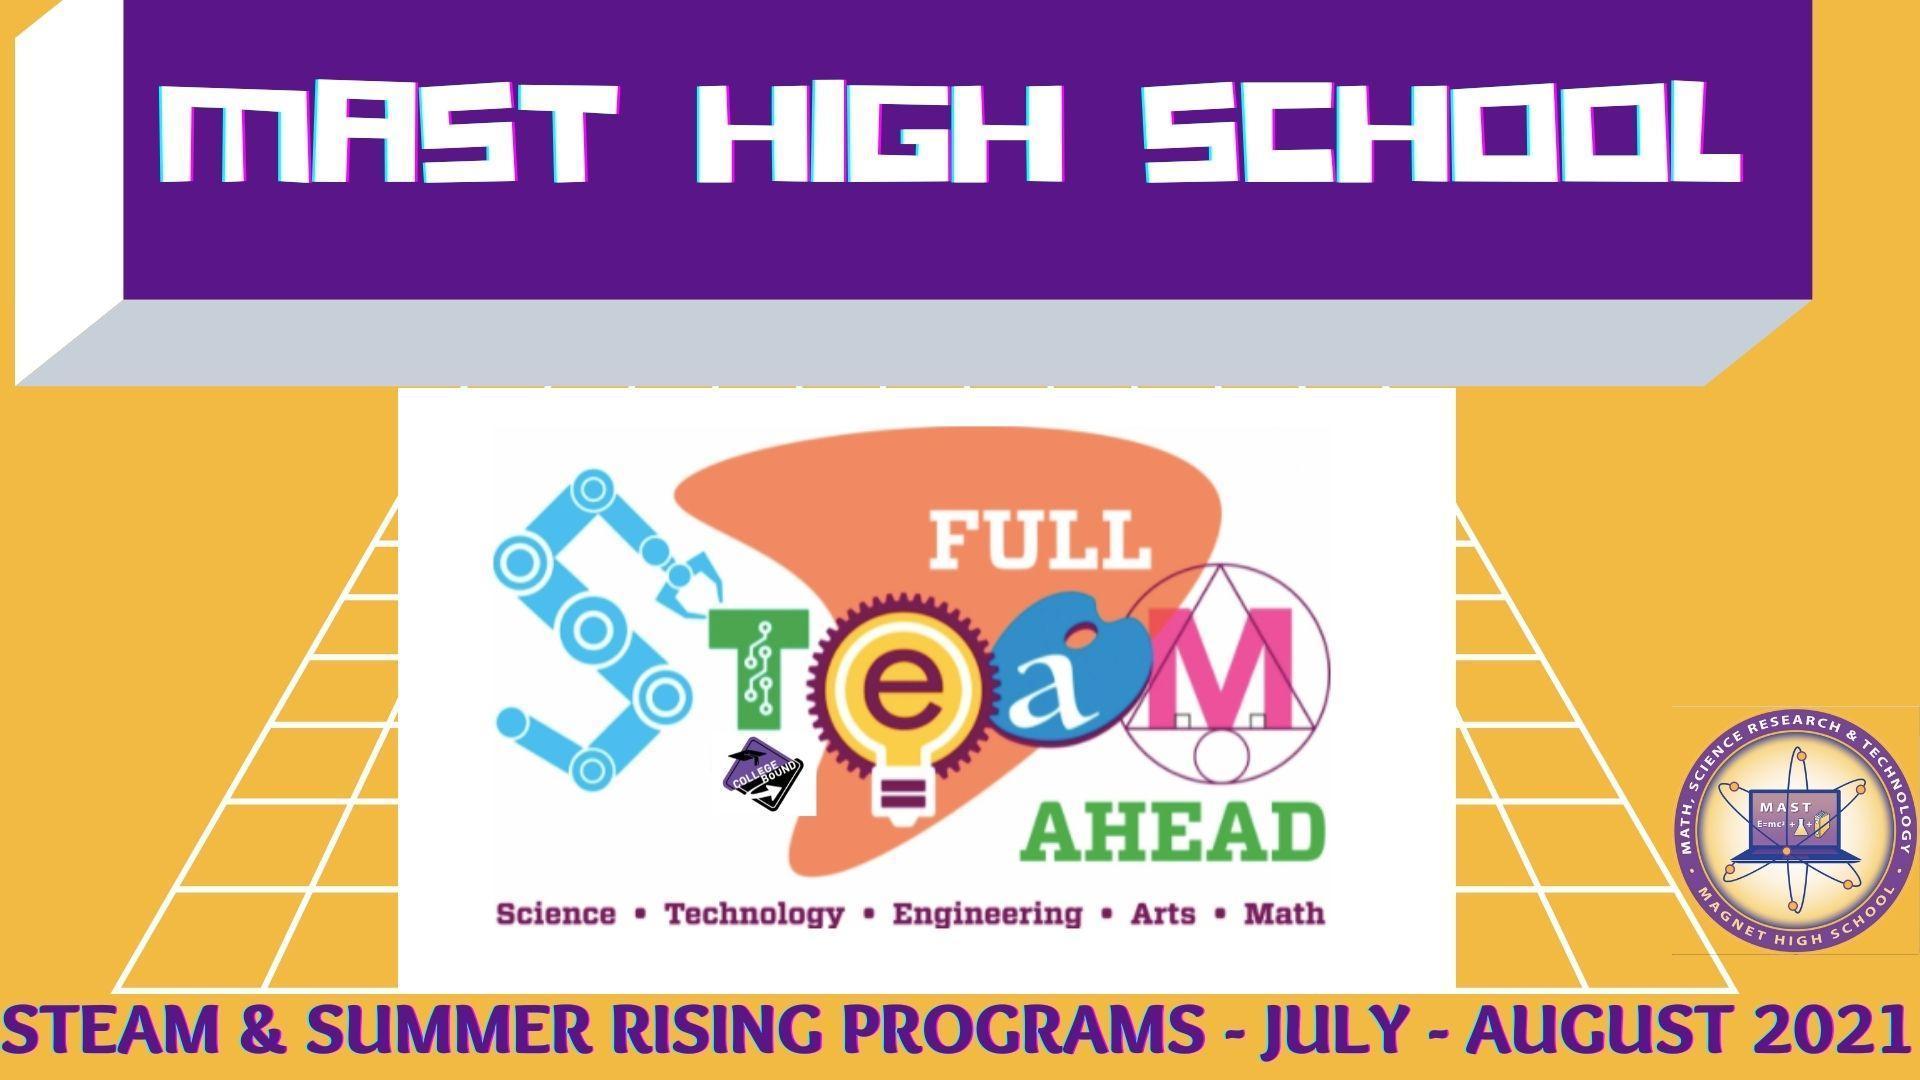 Summer STEAM Programs